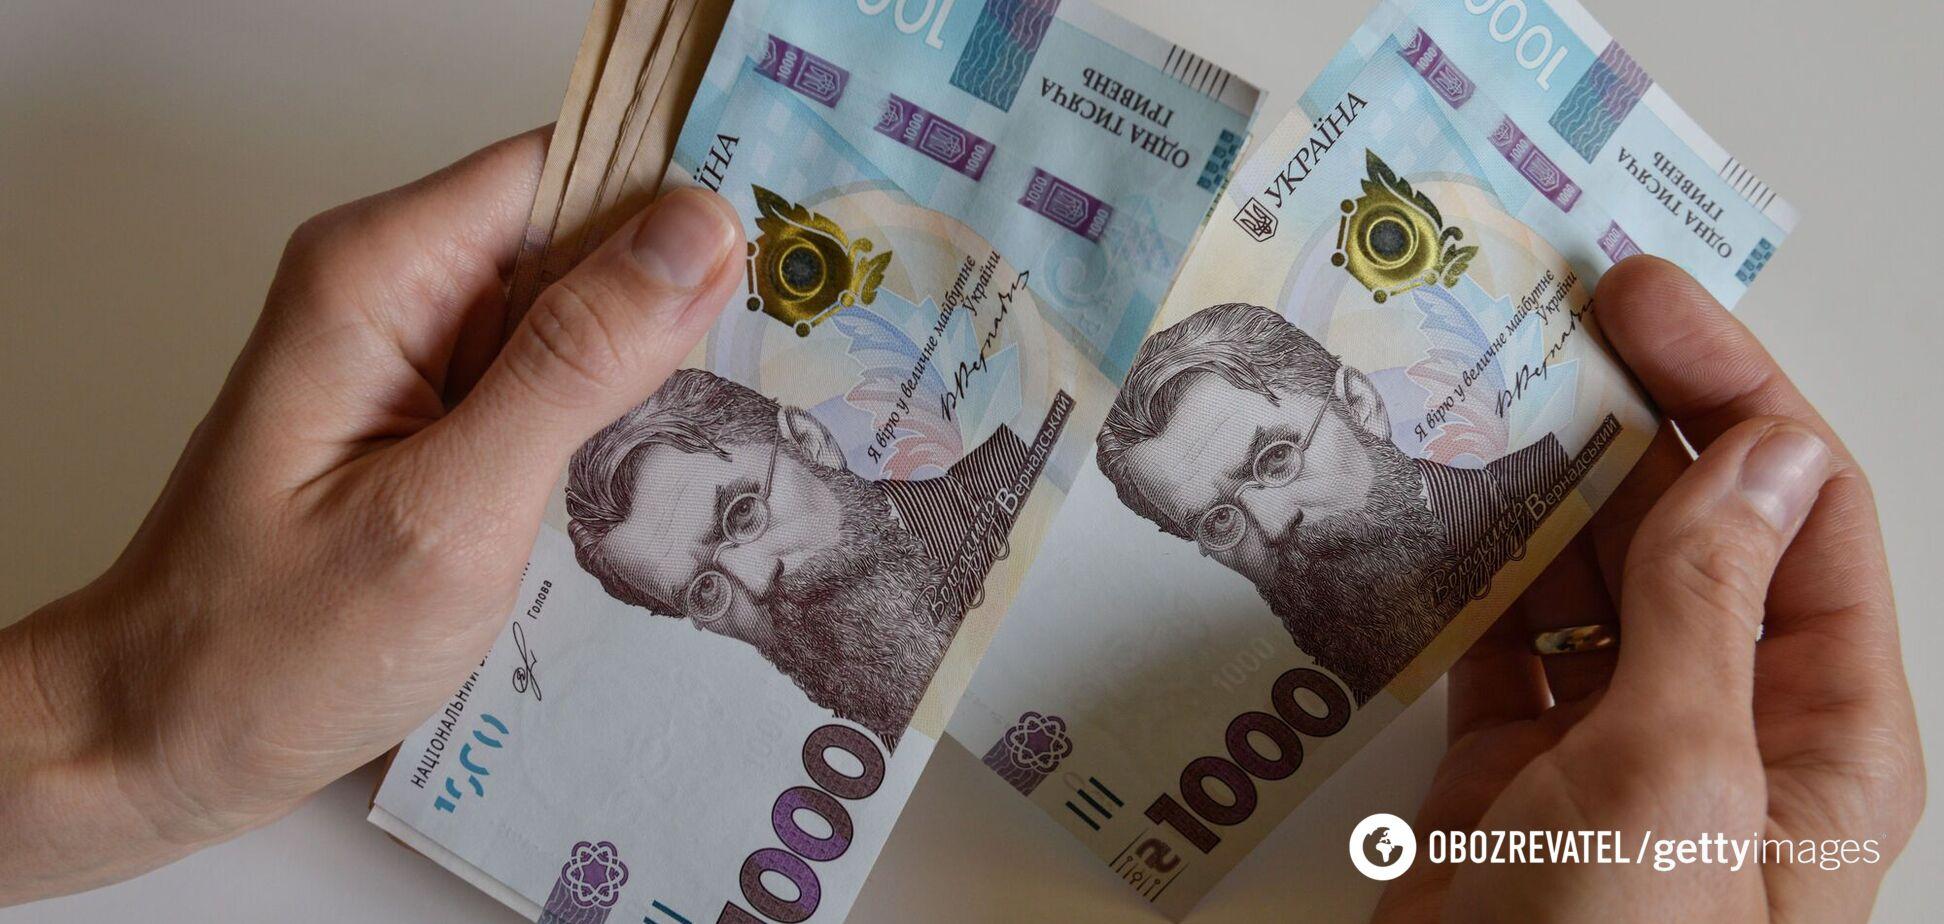 Украинцам начали выплачивать помощь от государства из-за карантина: как получить деньги